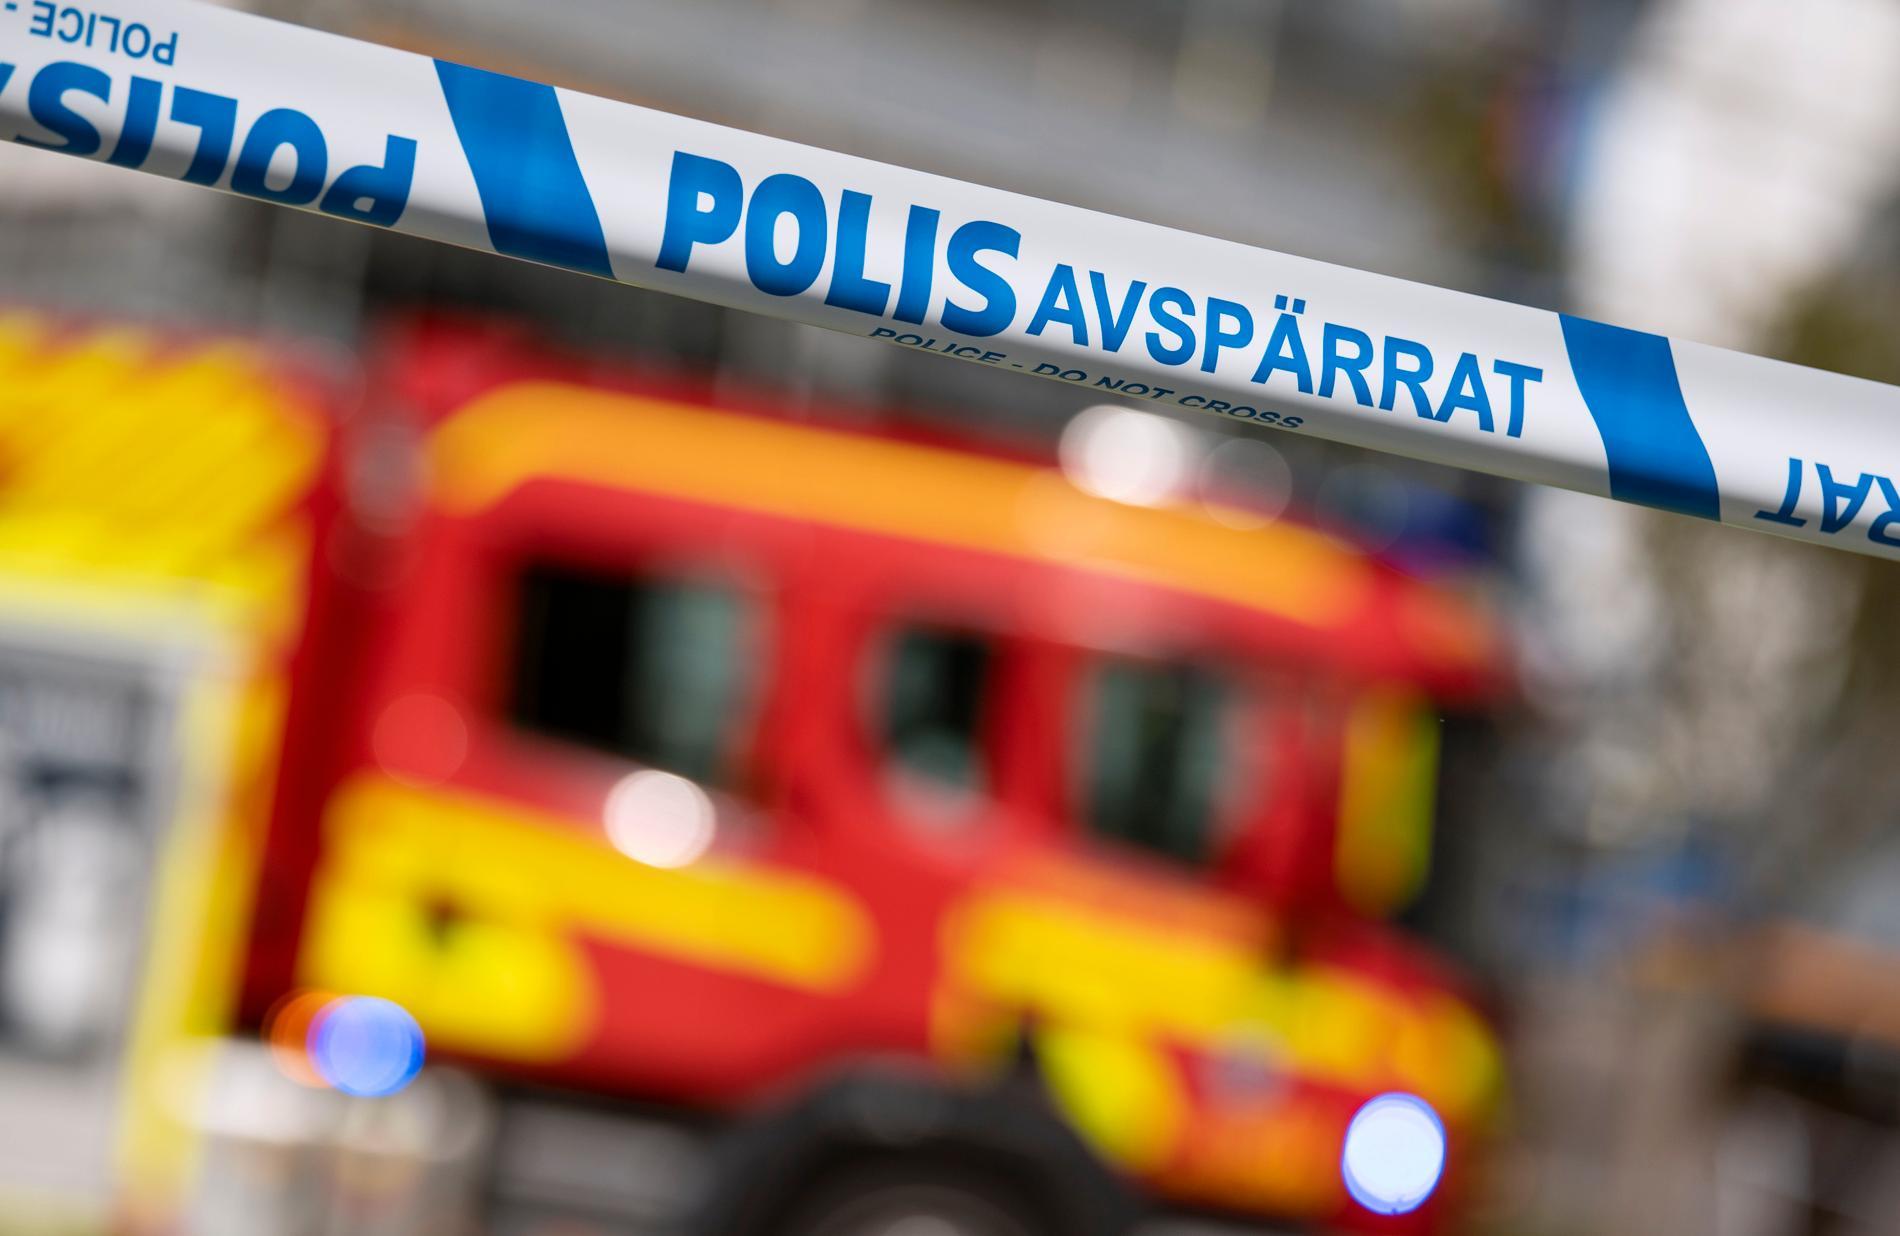 Polis biträder räddningstjänsten med bland annat avspärrningar i samband med en brand i sydvästra Stockholm. Arkivbild.